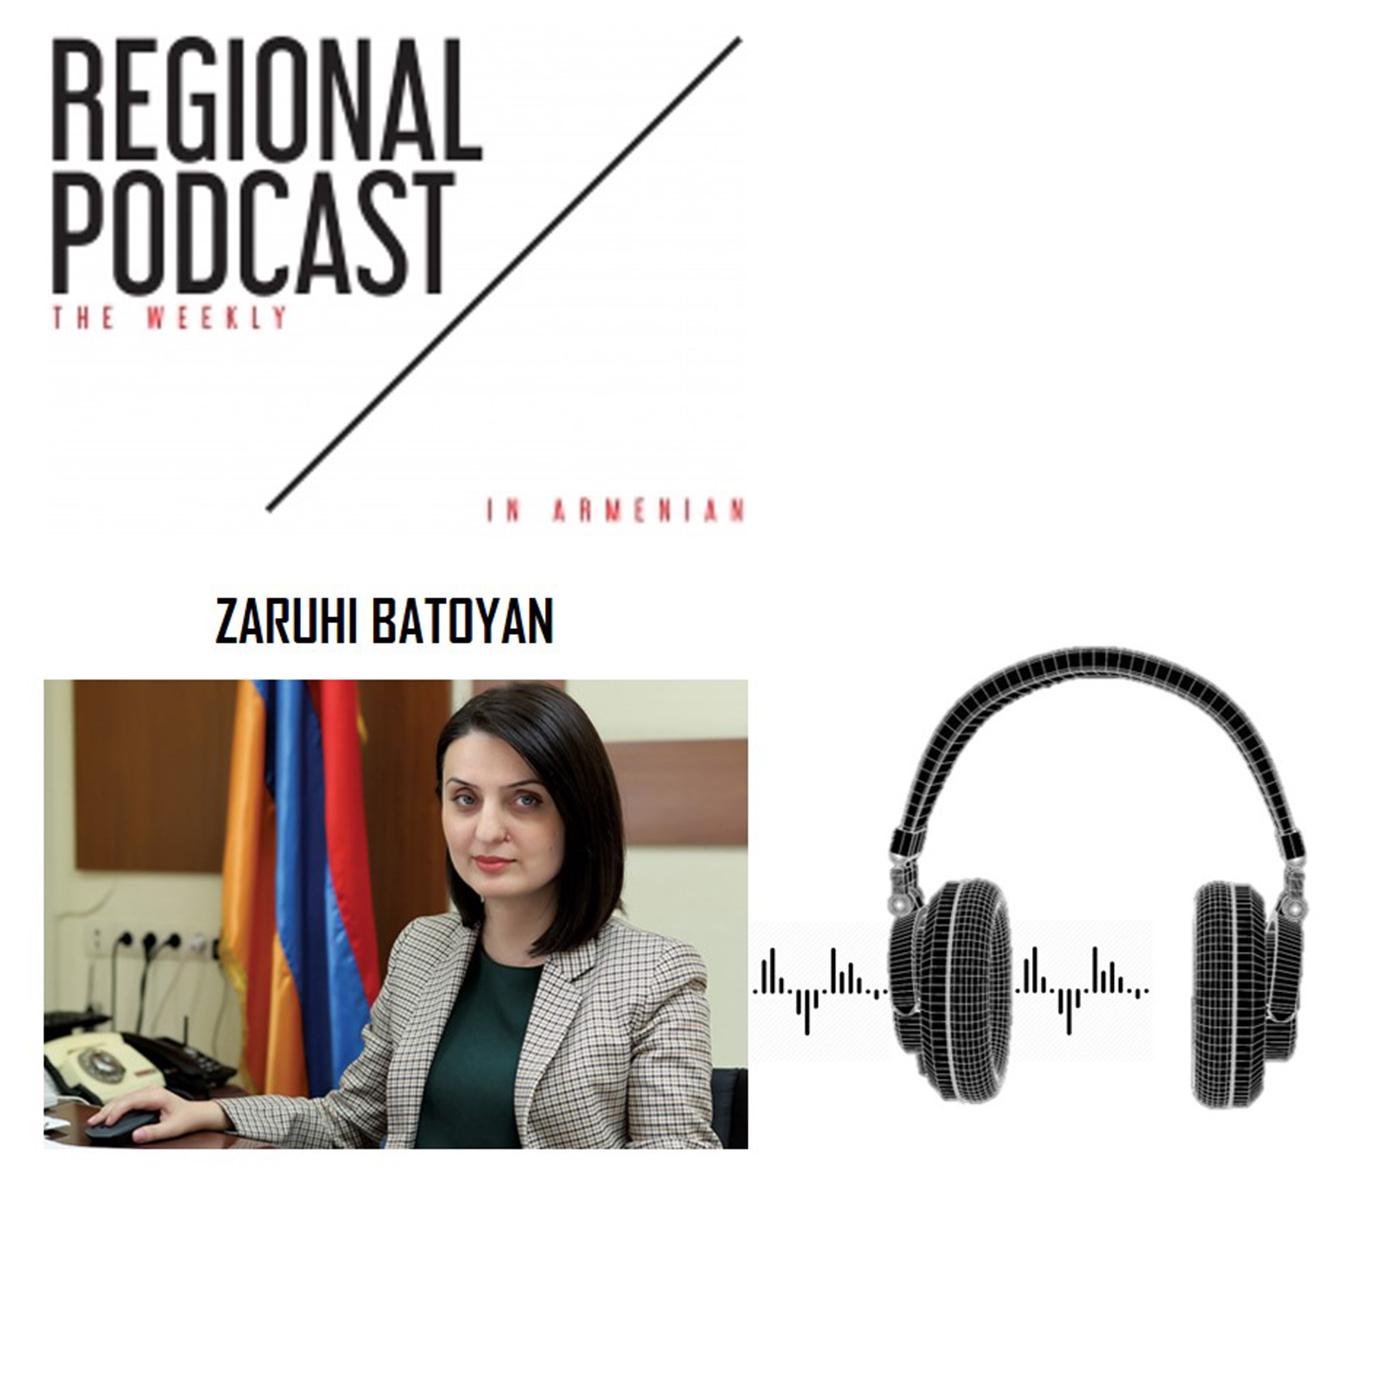 [հայերեն] Regional Podcast-The Weekly / Zaruhi Batoyan